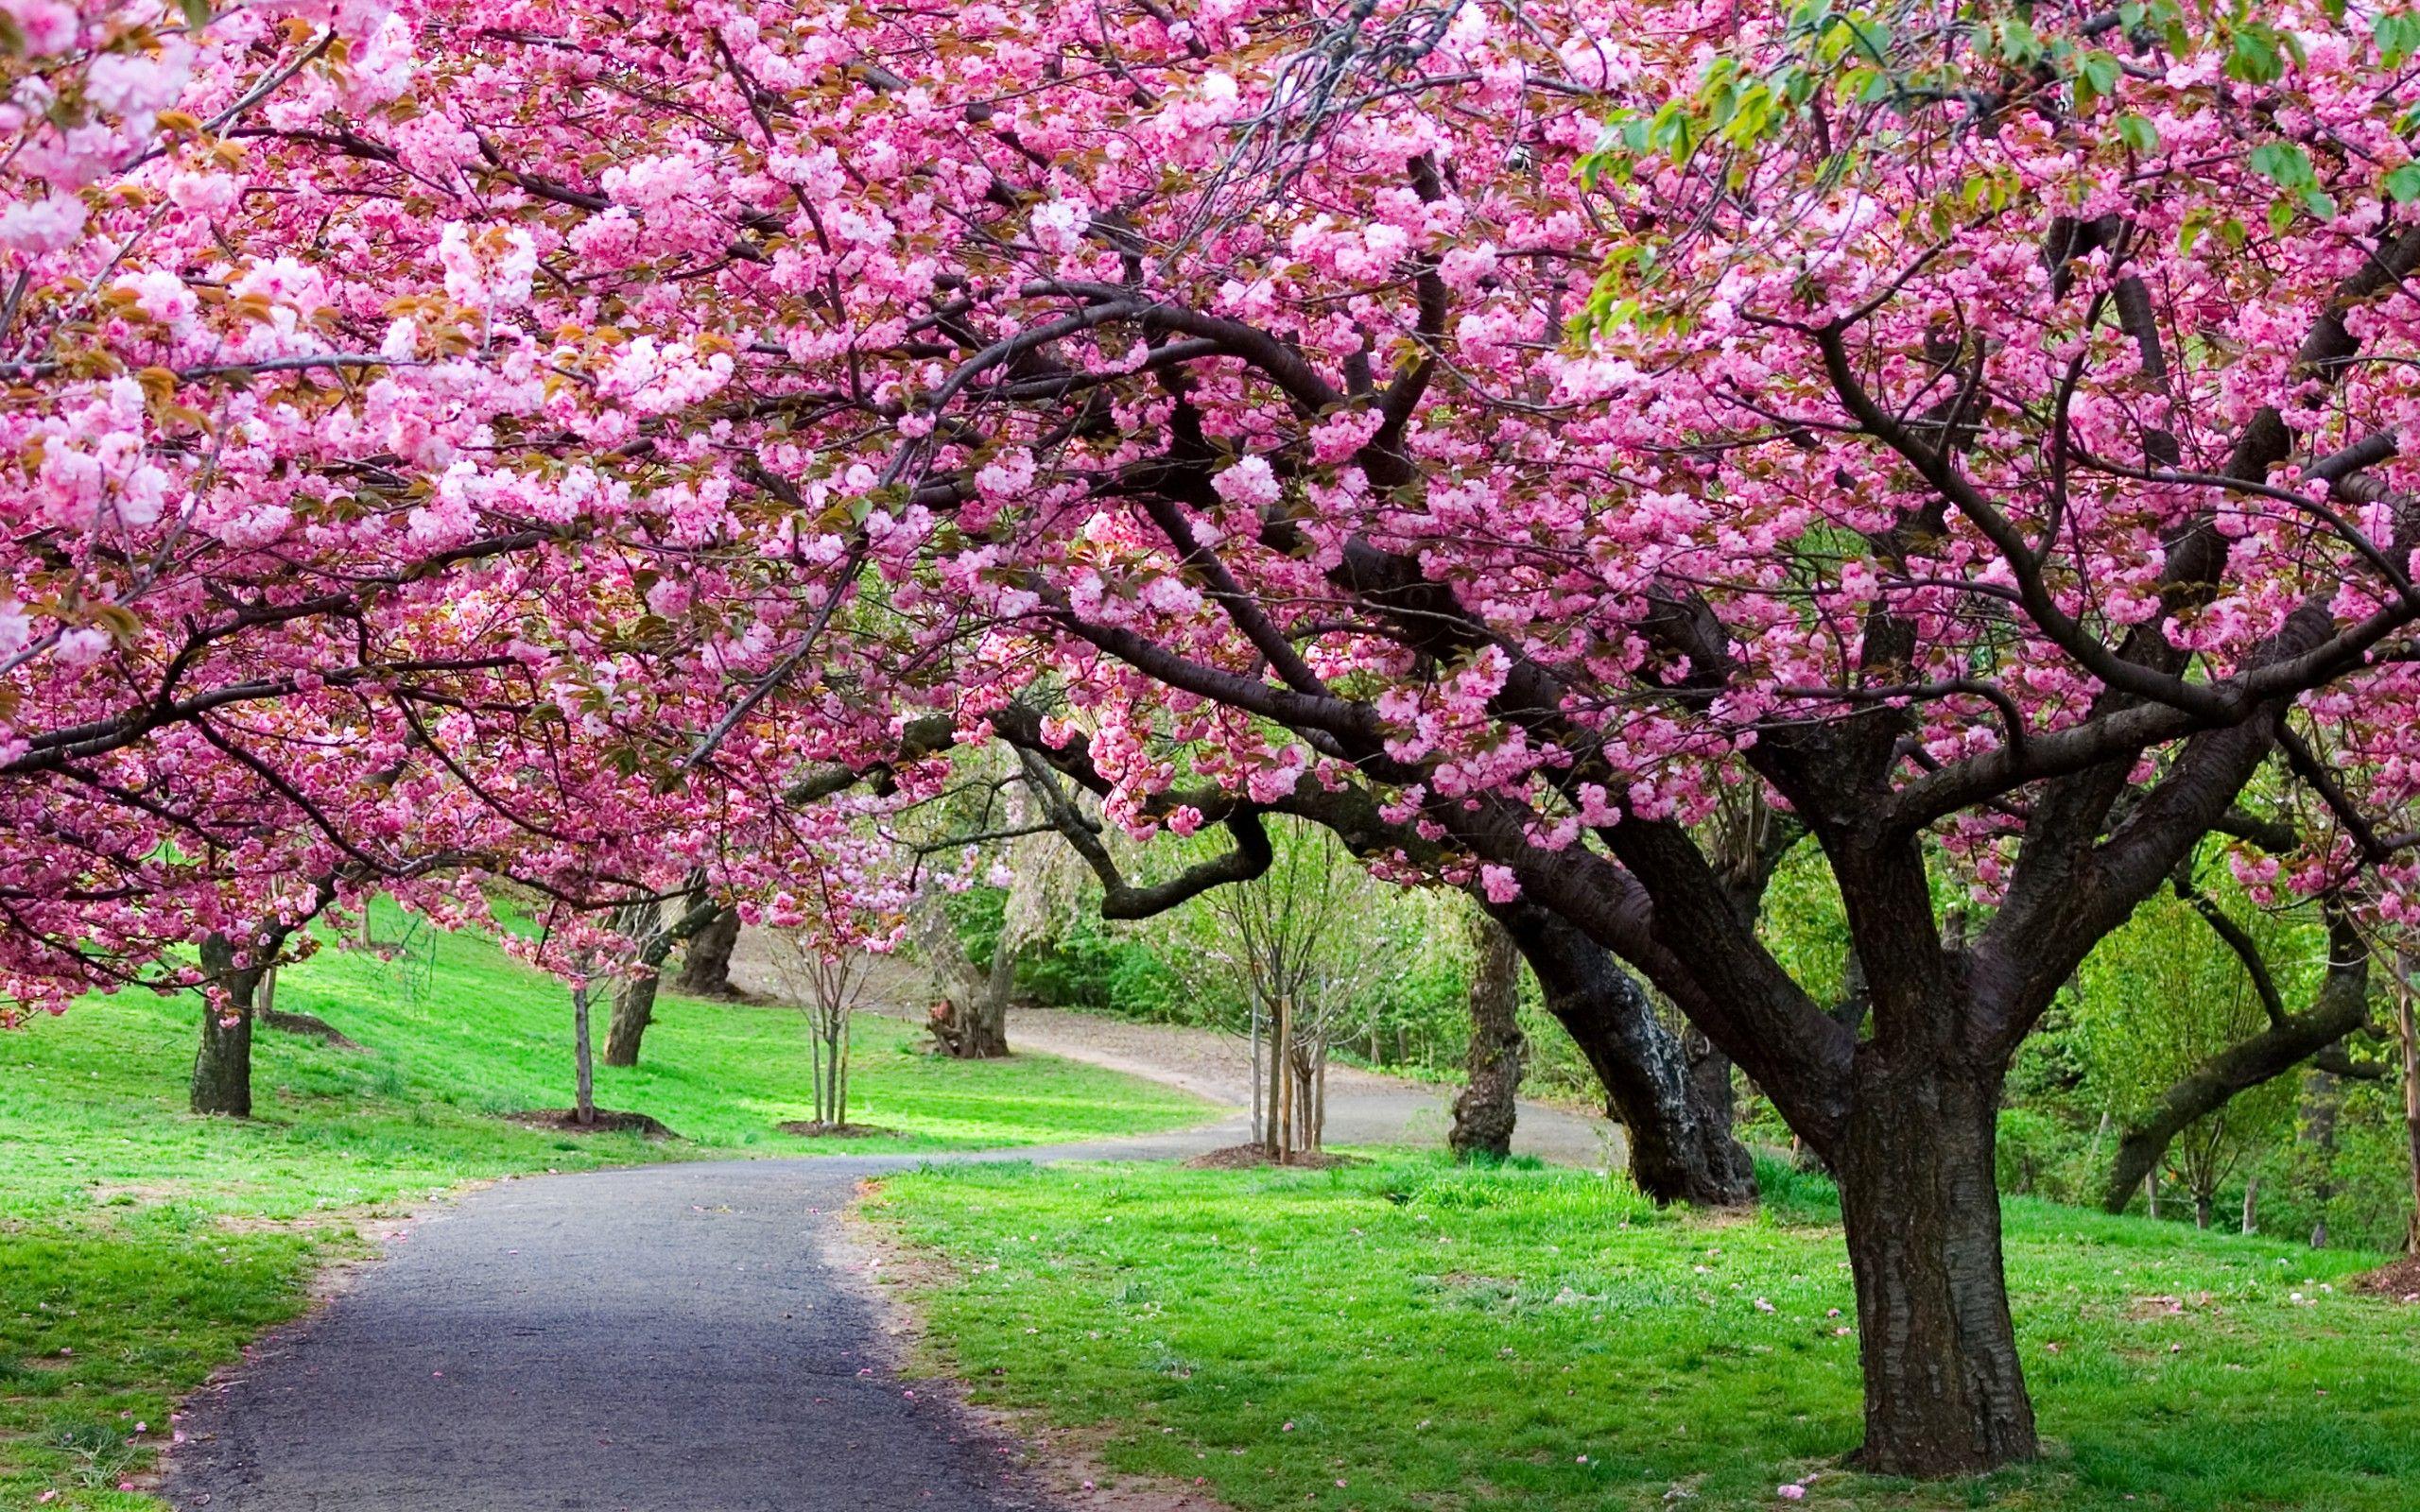 Flowering Cherries Trees Flowering Trees Blossom Trees Spring Flowering Trees